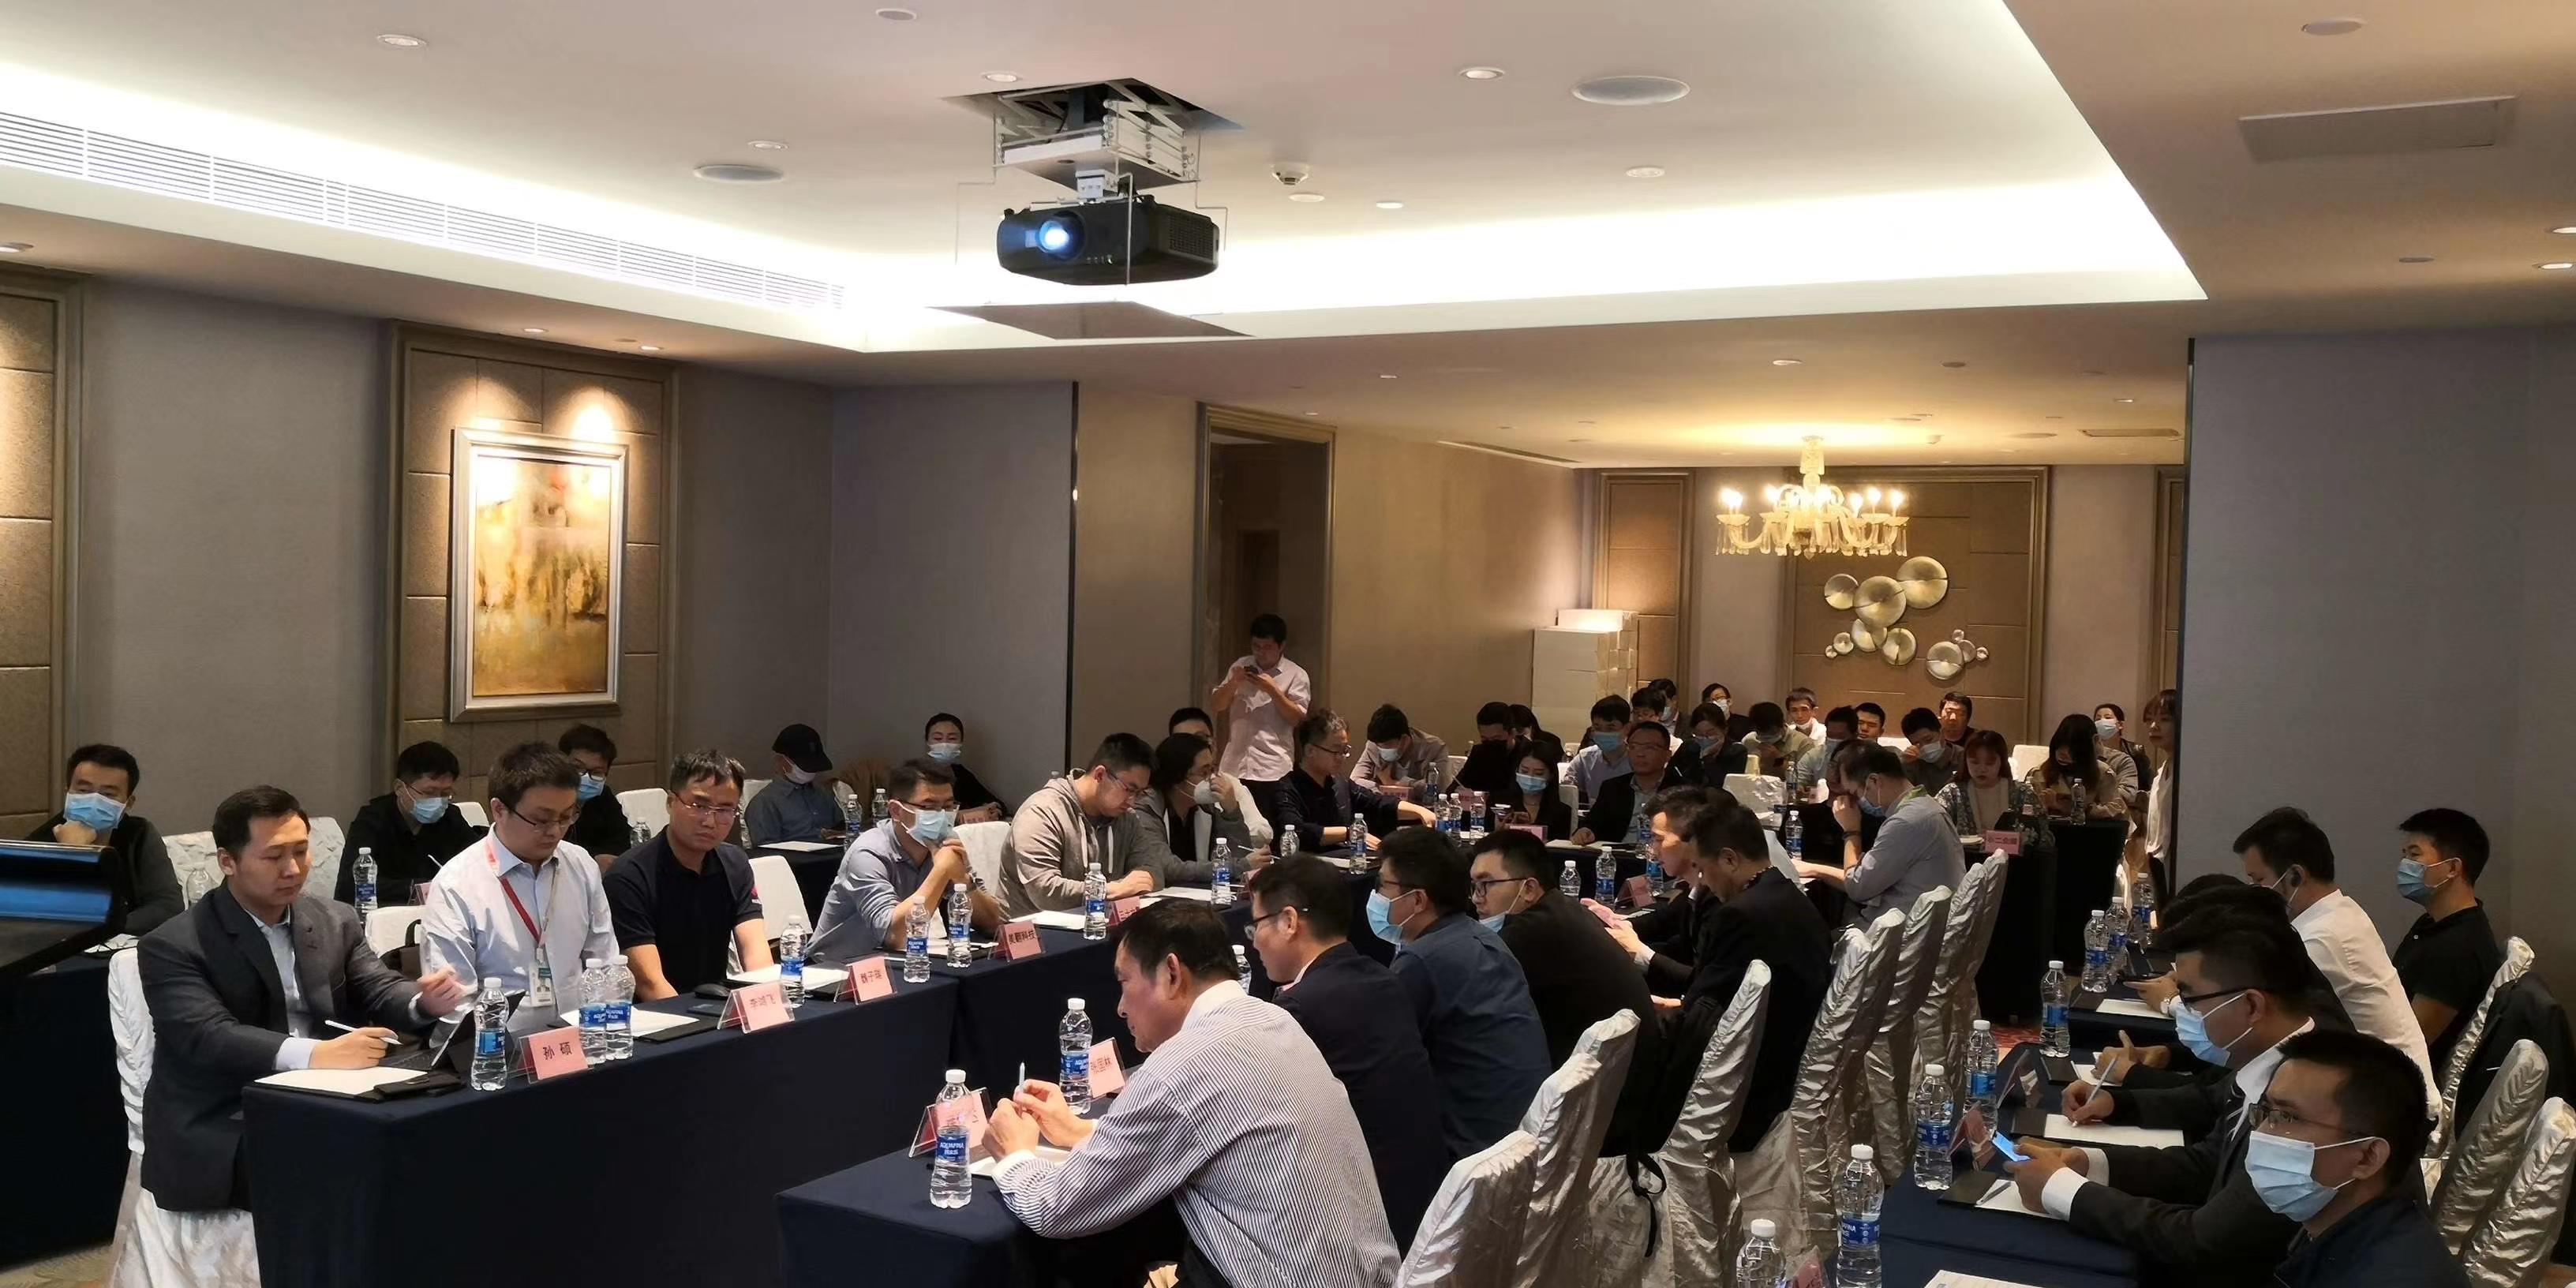 聚焦互联网新机遇,华为云5G互联网创新峰会在南昌举行-犀牛云